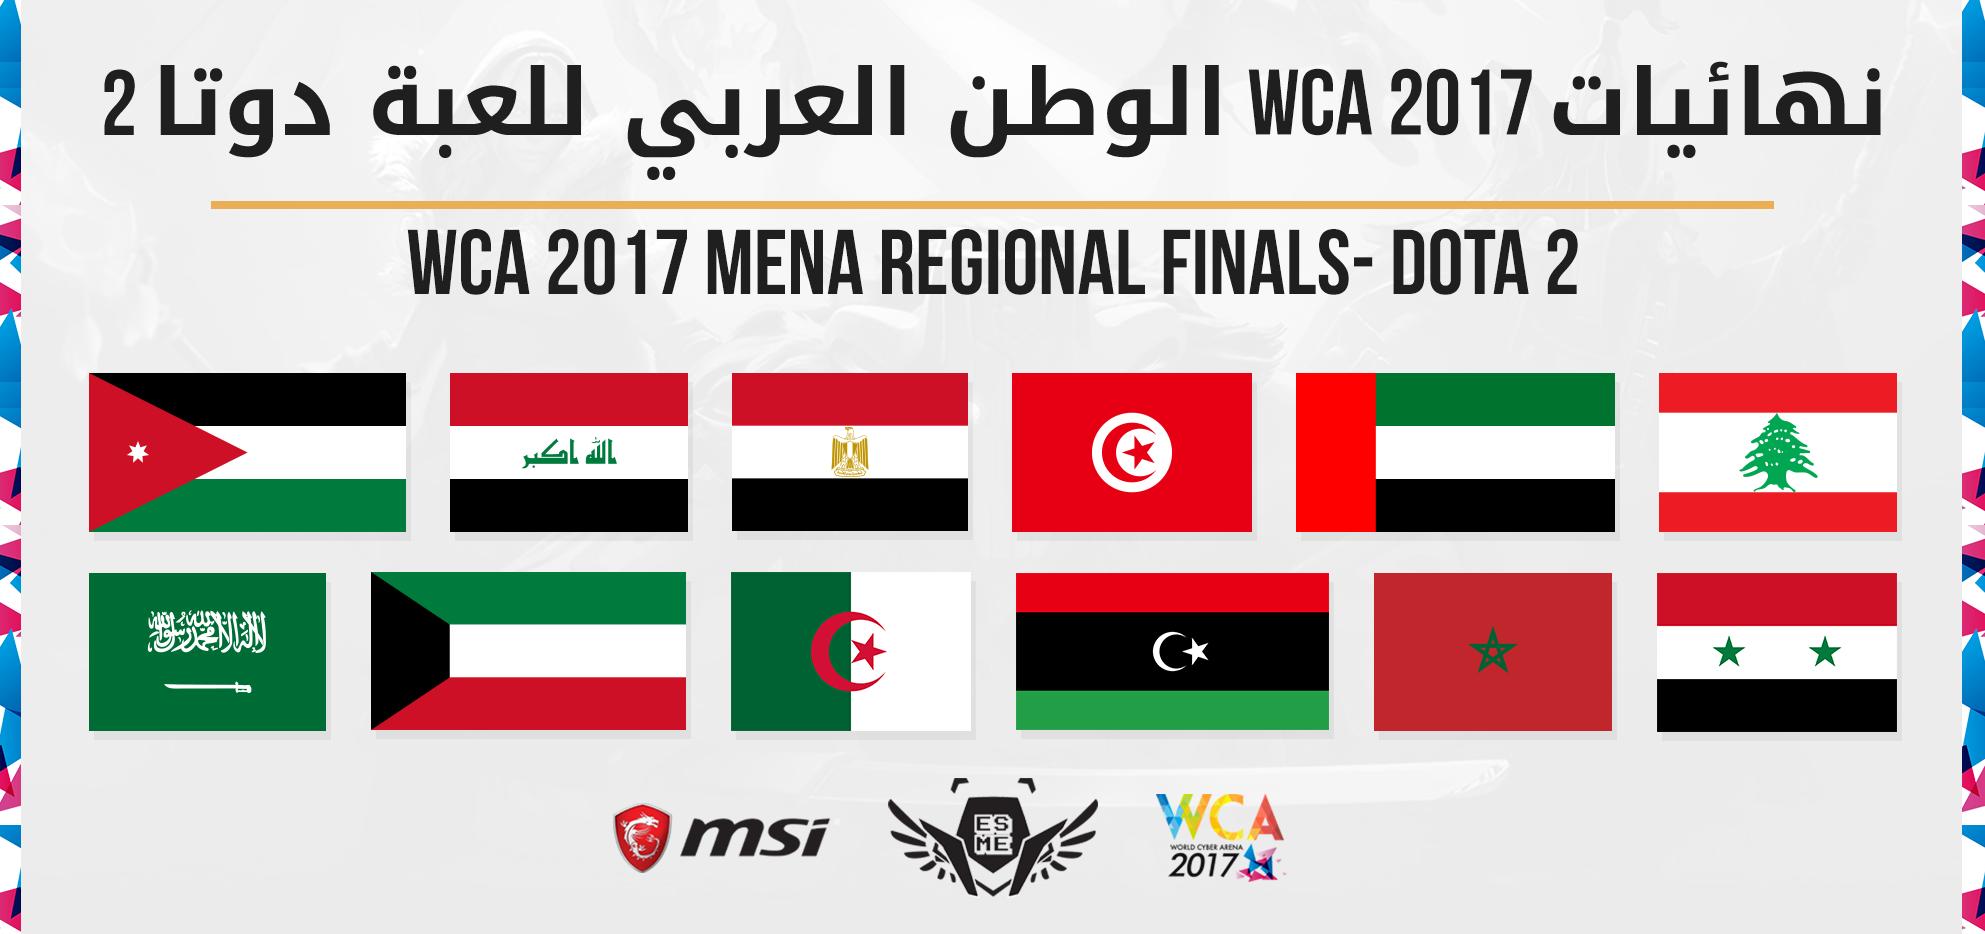 Photo of نهائيات WCA 2017 الكبرى للوطن العربي في Dota 2 على وشك أن تبدأ- تعرف على جدول المباريات وشجع فريق بلادك!